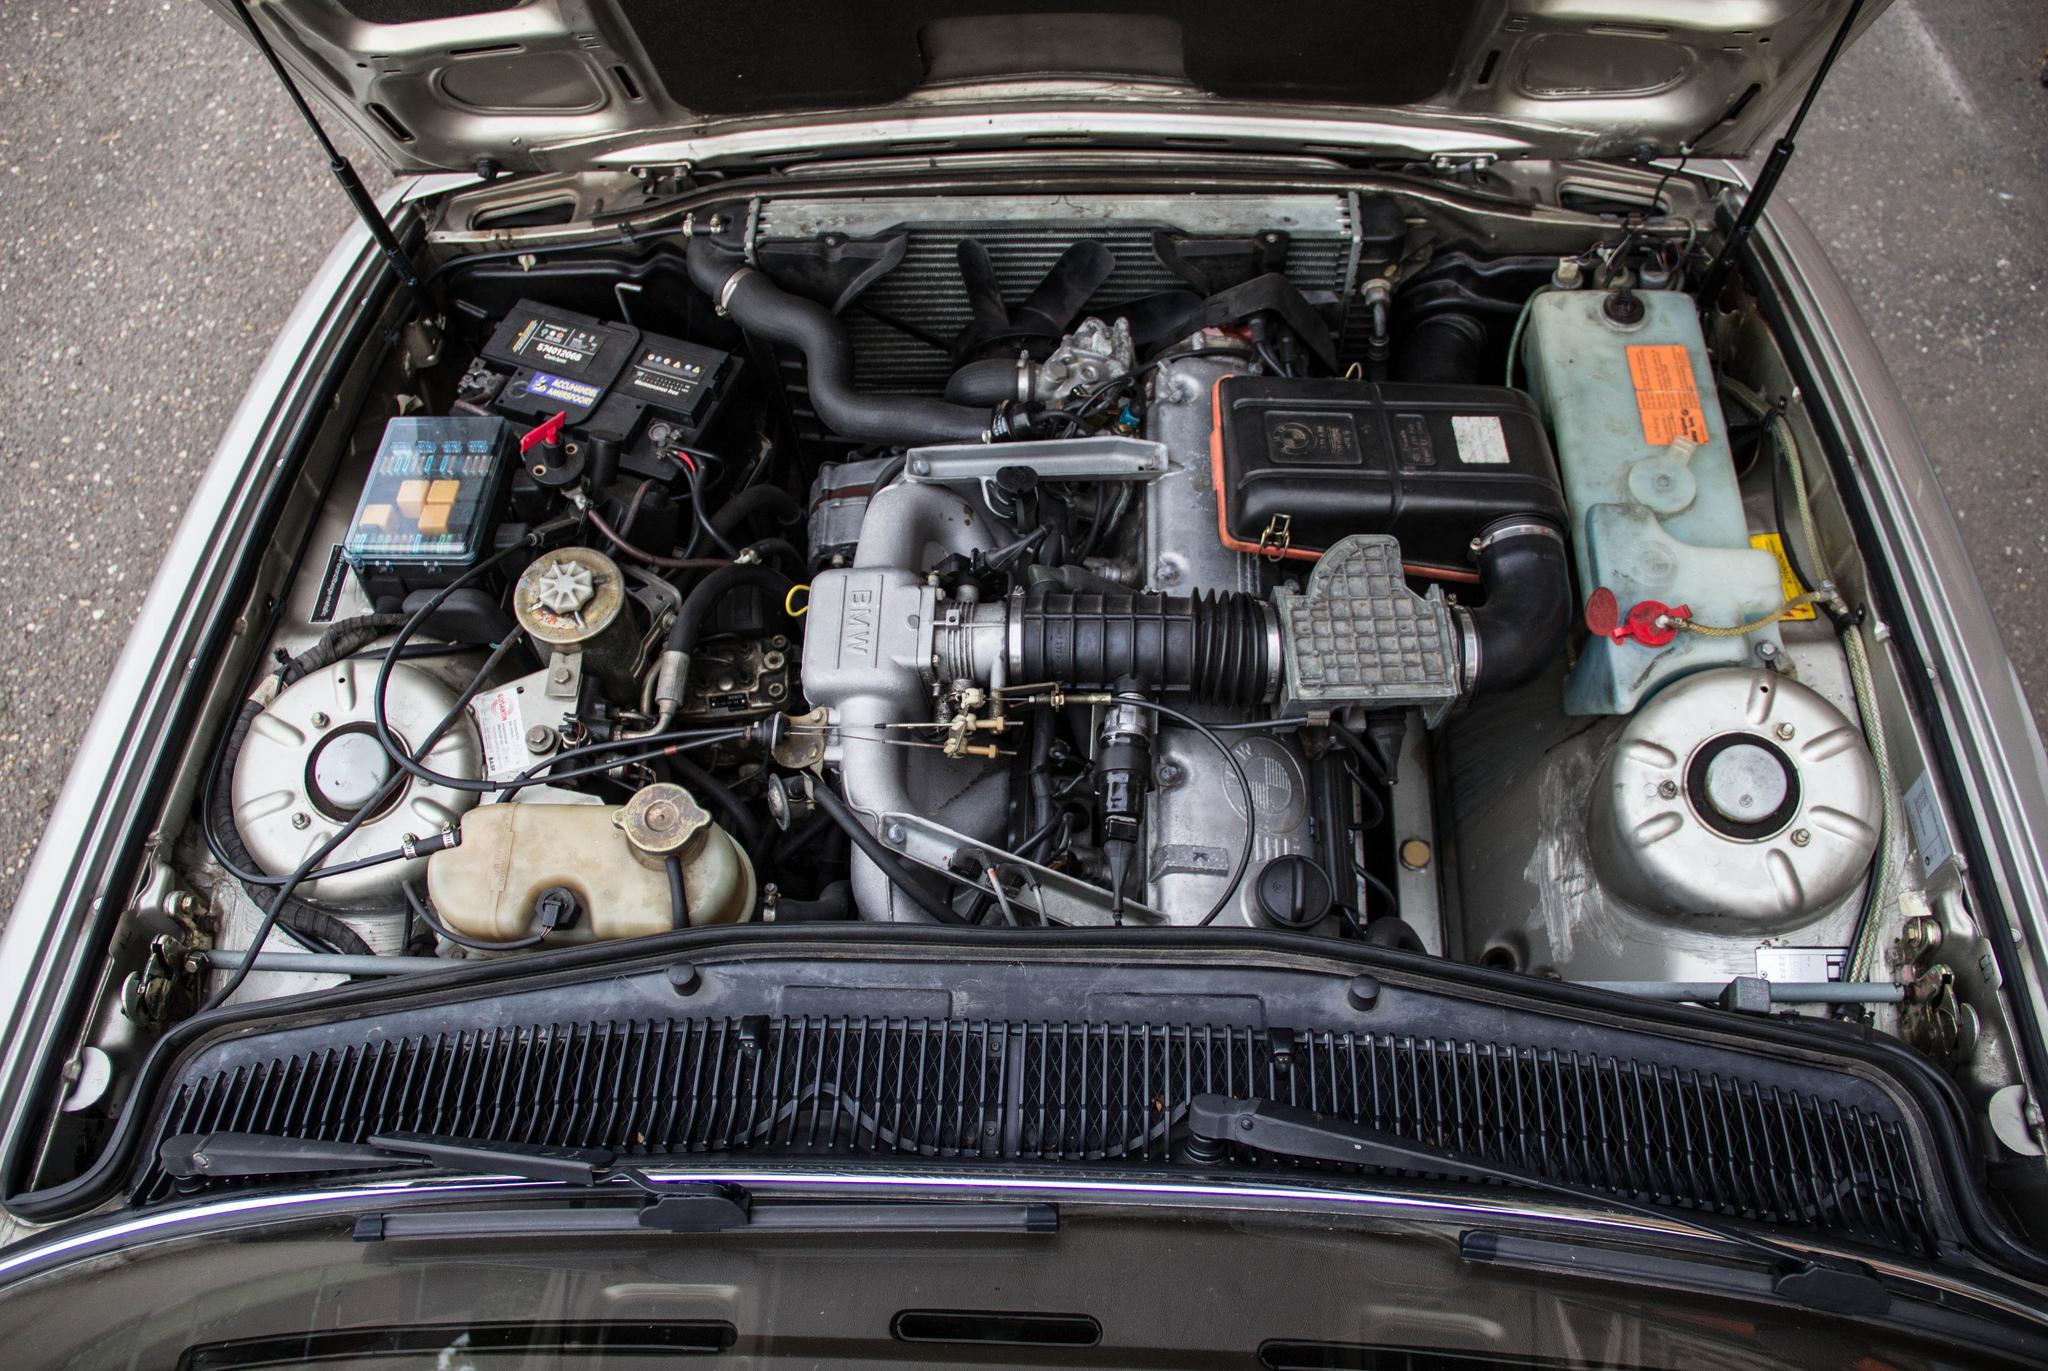 1985 BMW 735i E23 - M30B35 engine